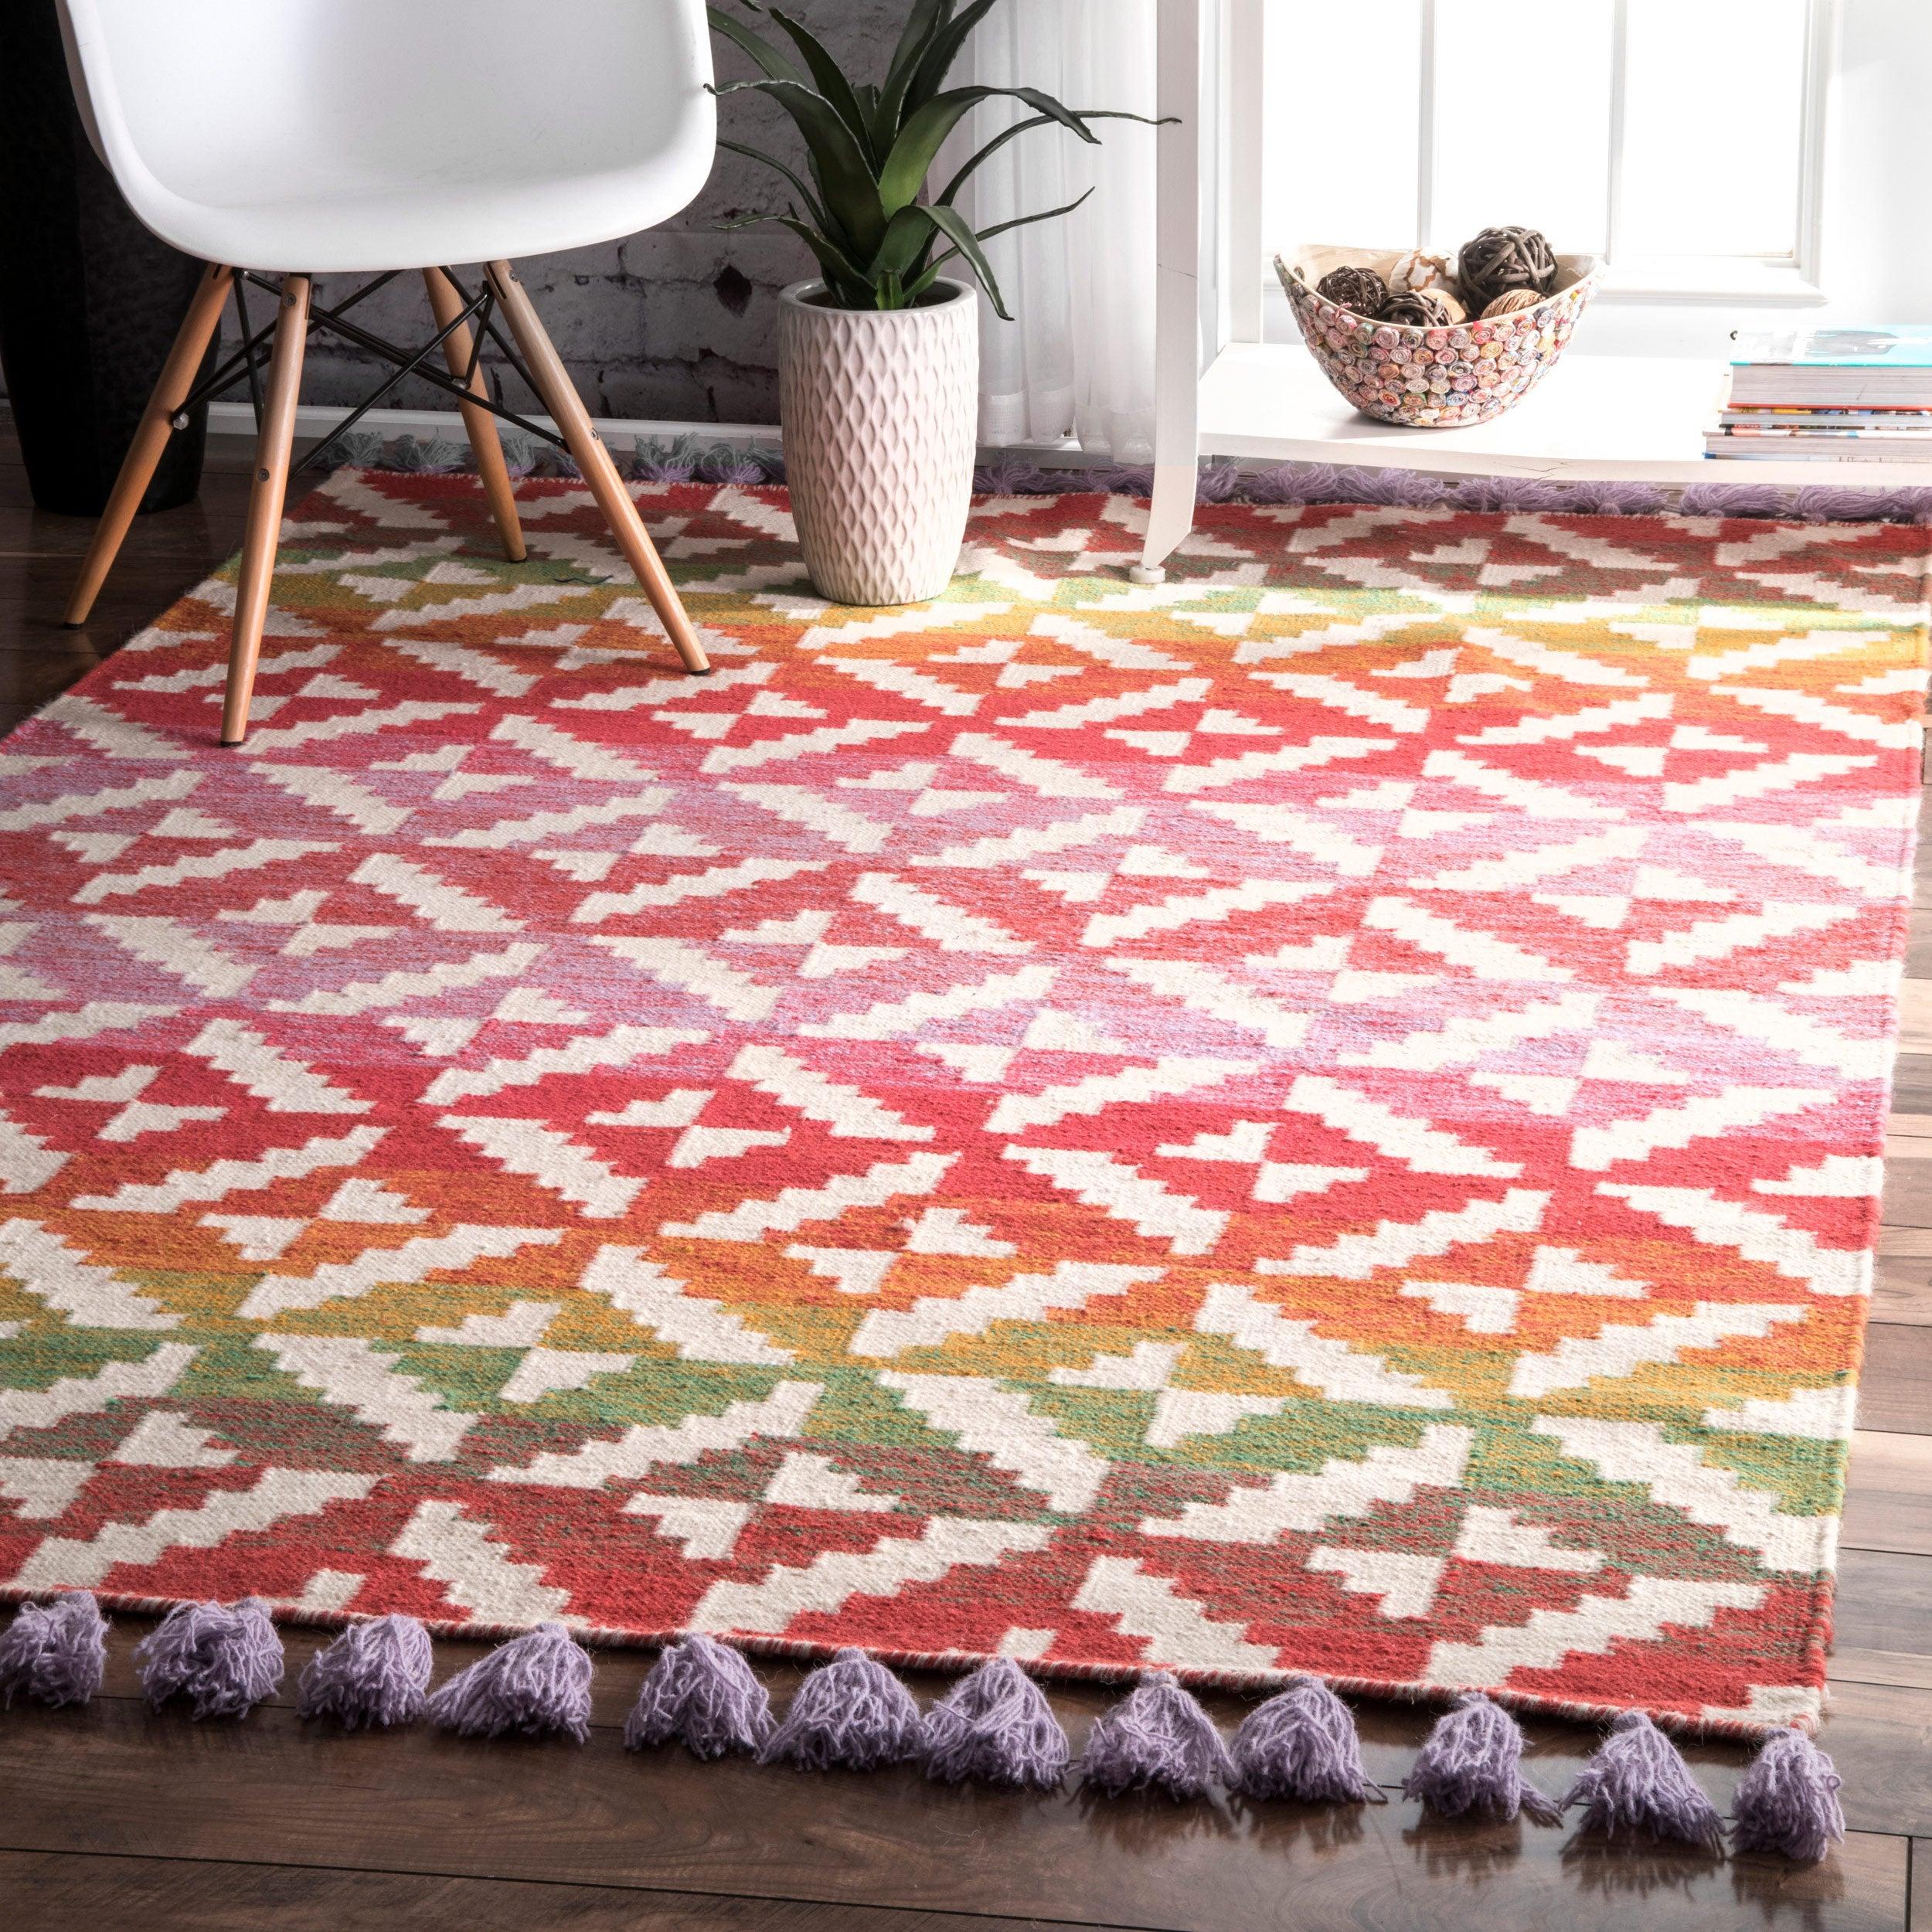 Shop Nuloom Handmade Flatweave Bohemian Vibrant Wool Rug